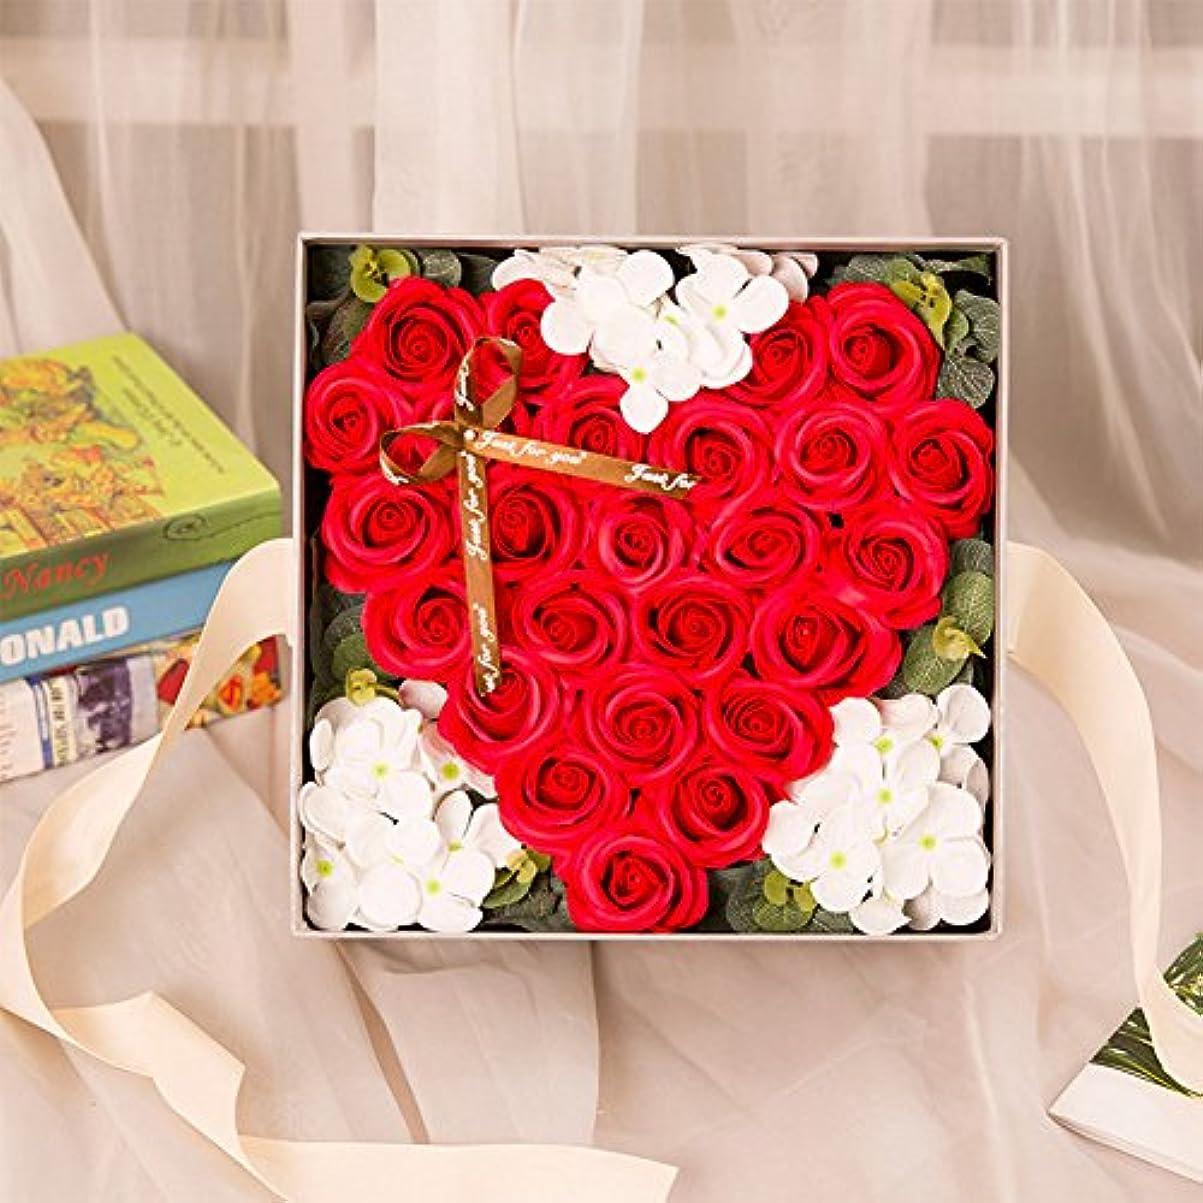 煩わしいペルメル真向こうRaiFu クリエイティブ シミュレーションローズ手作り石鹸 ギフトボックスホームデコレーション ユニークなギフト 赤い桃の心